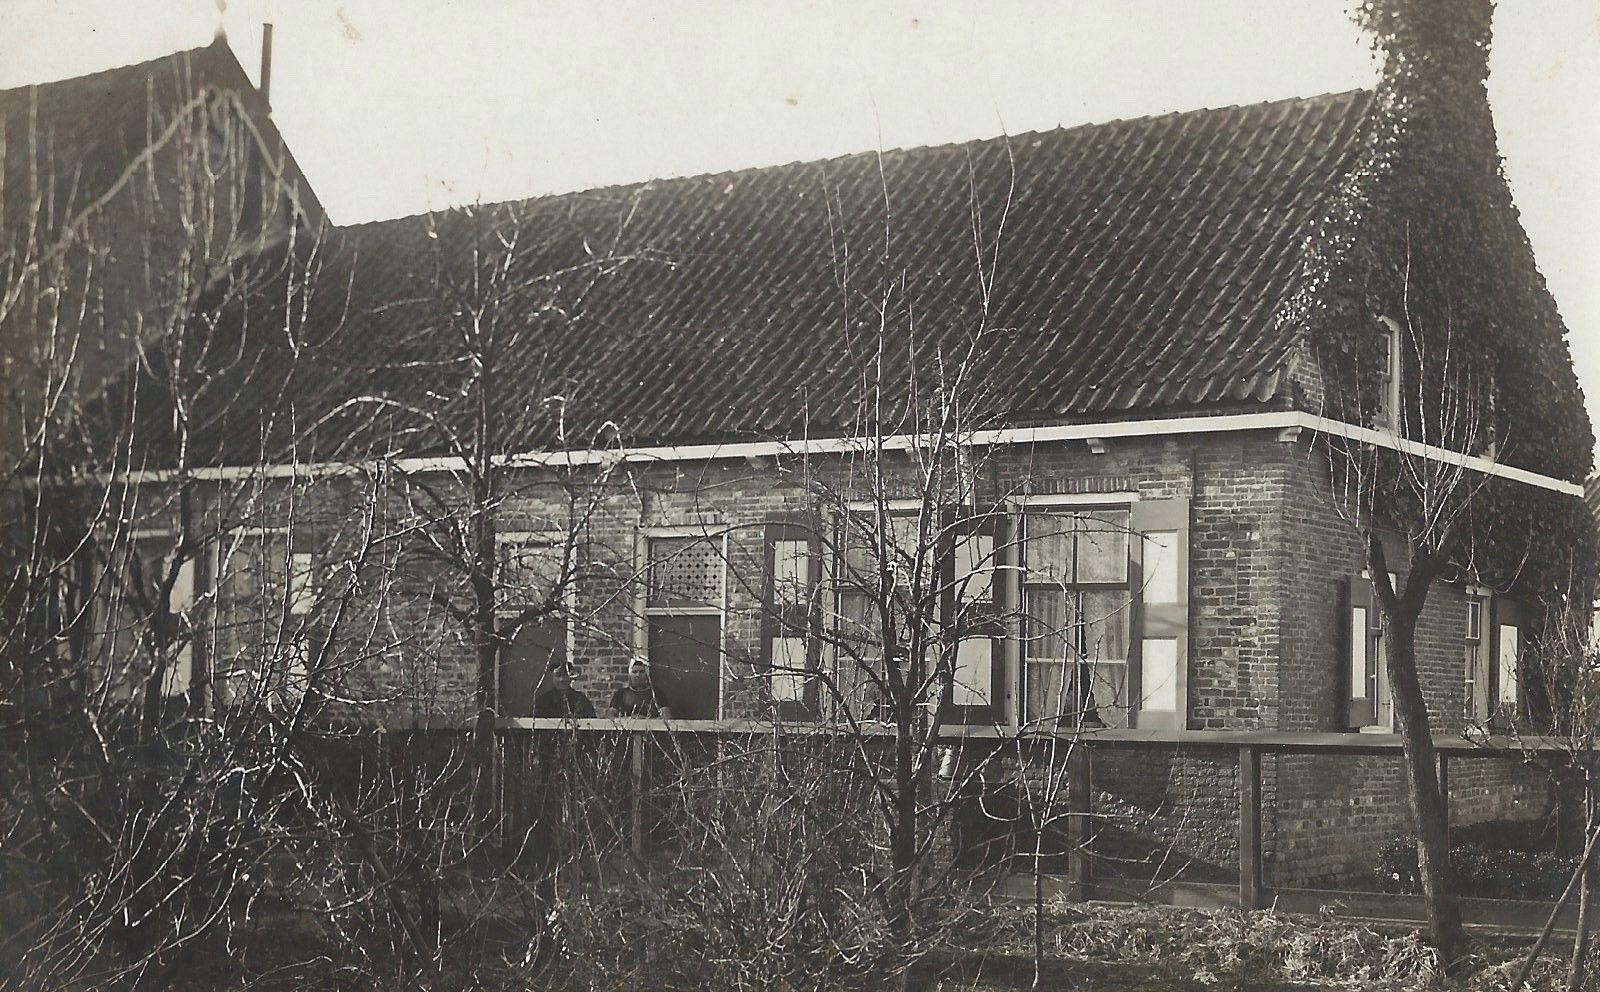 Het woonhuis bij de boerderij van de familie Verhage. (Collectie G. de Hamer)